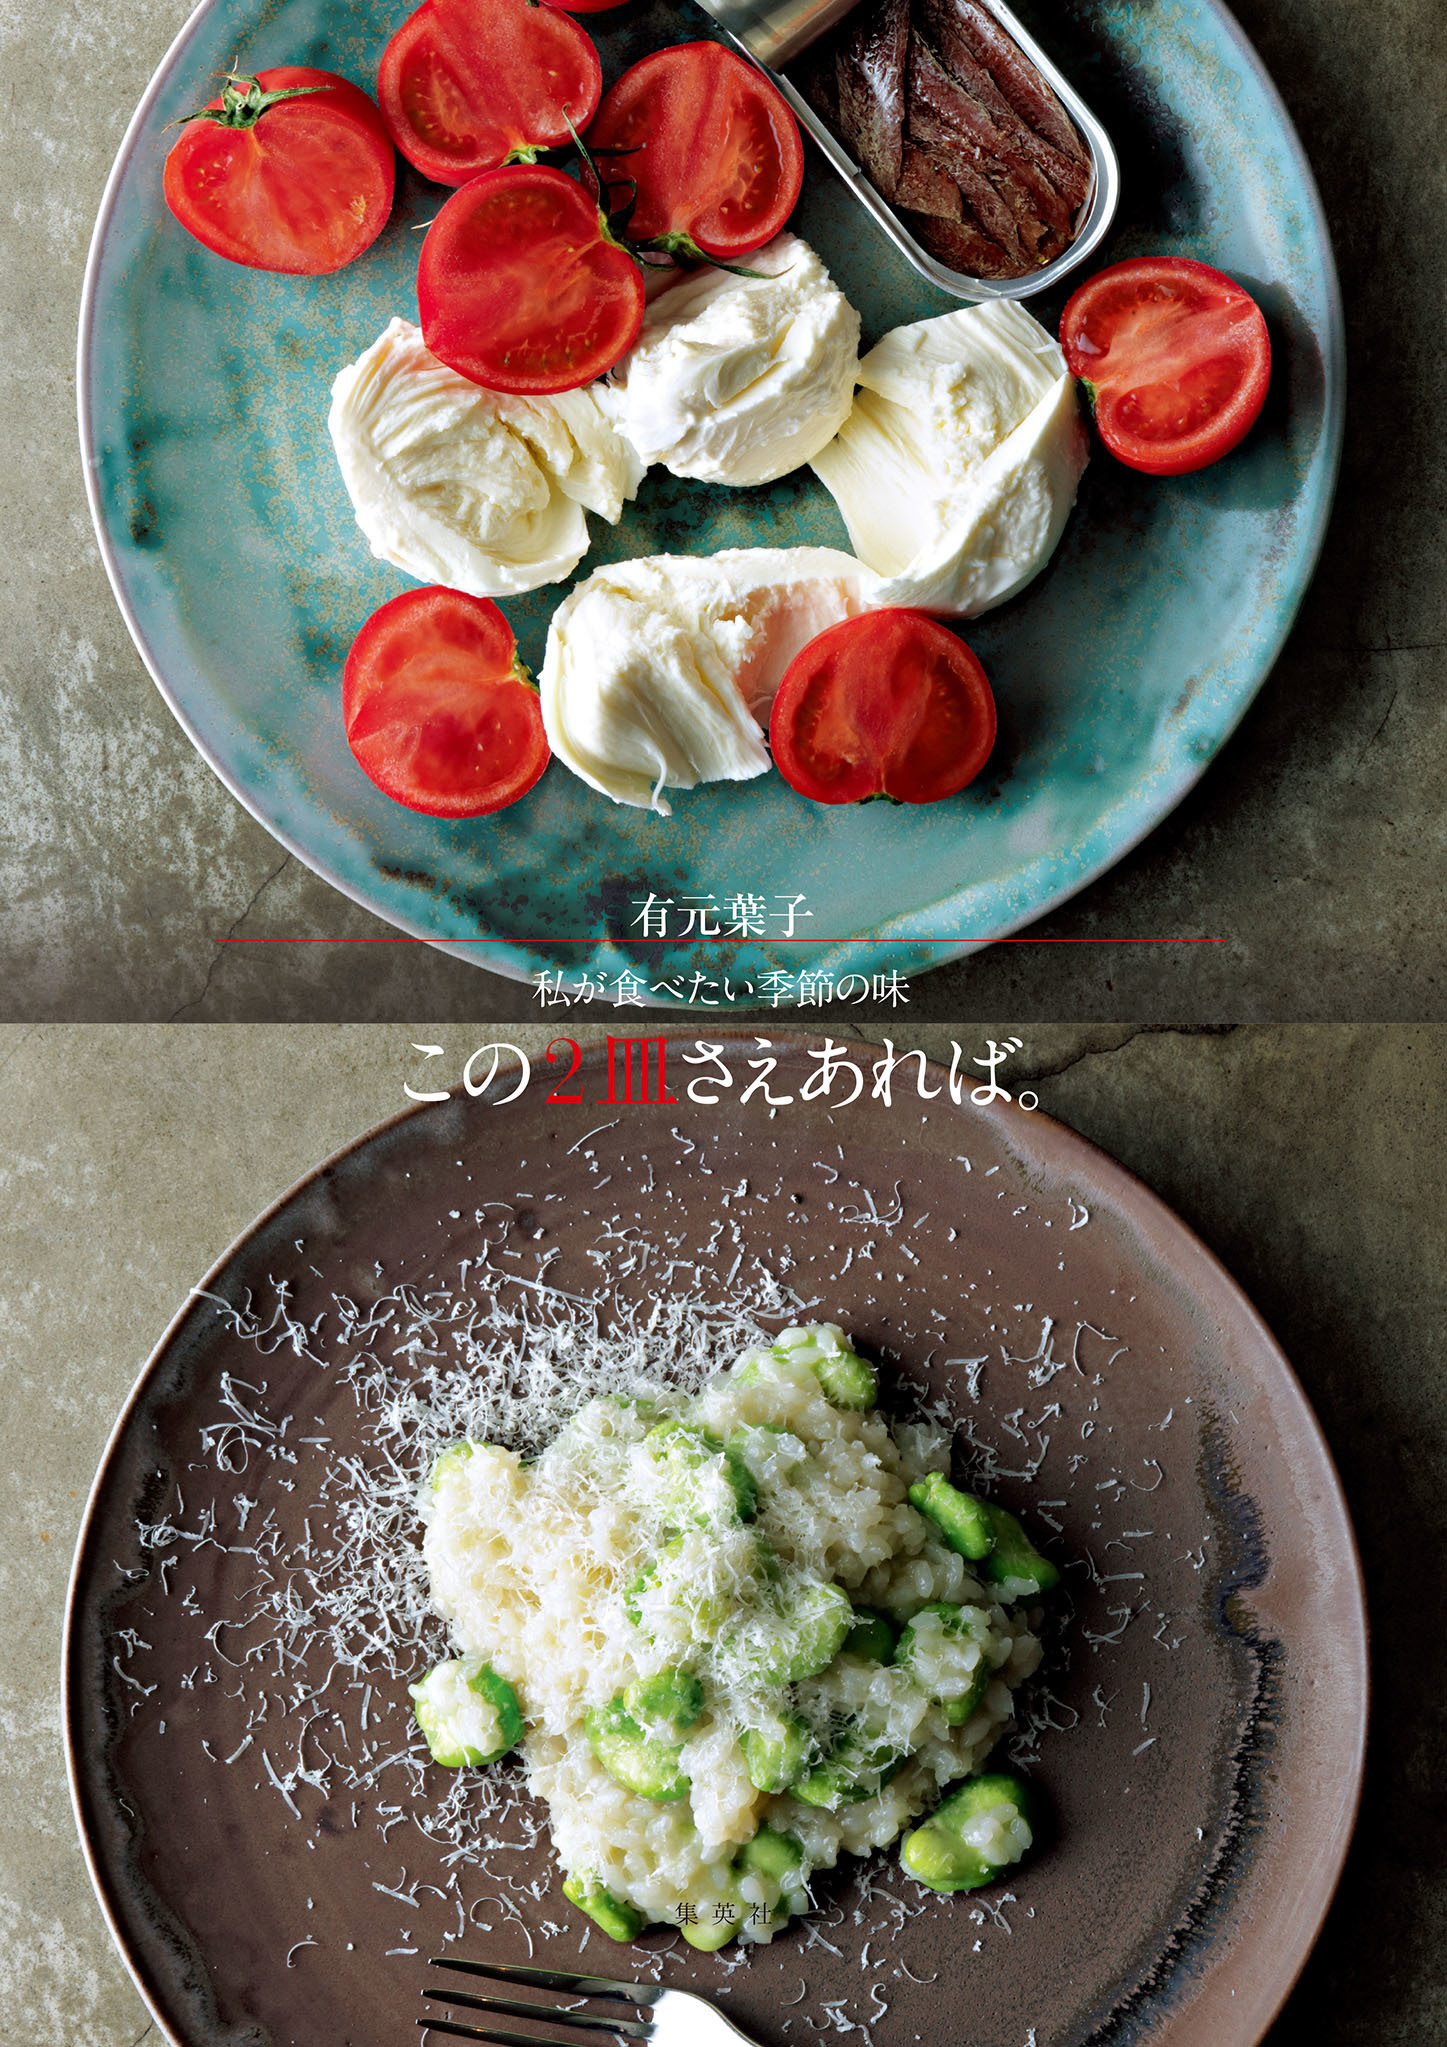 私の食べたい季節の味 この2皿さえあれば